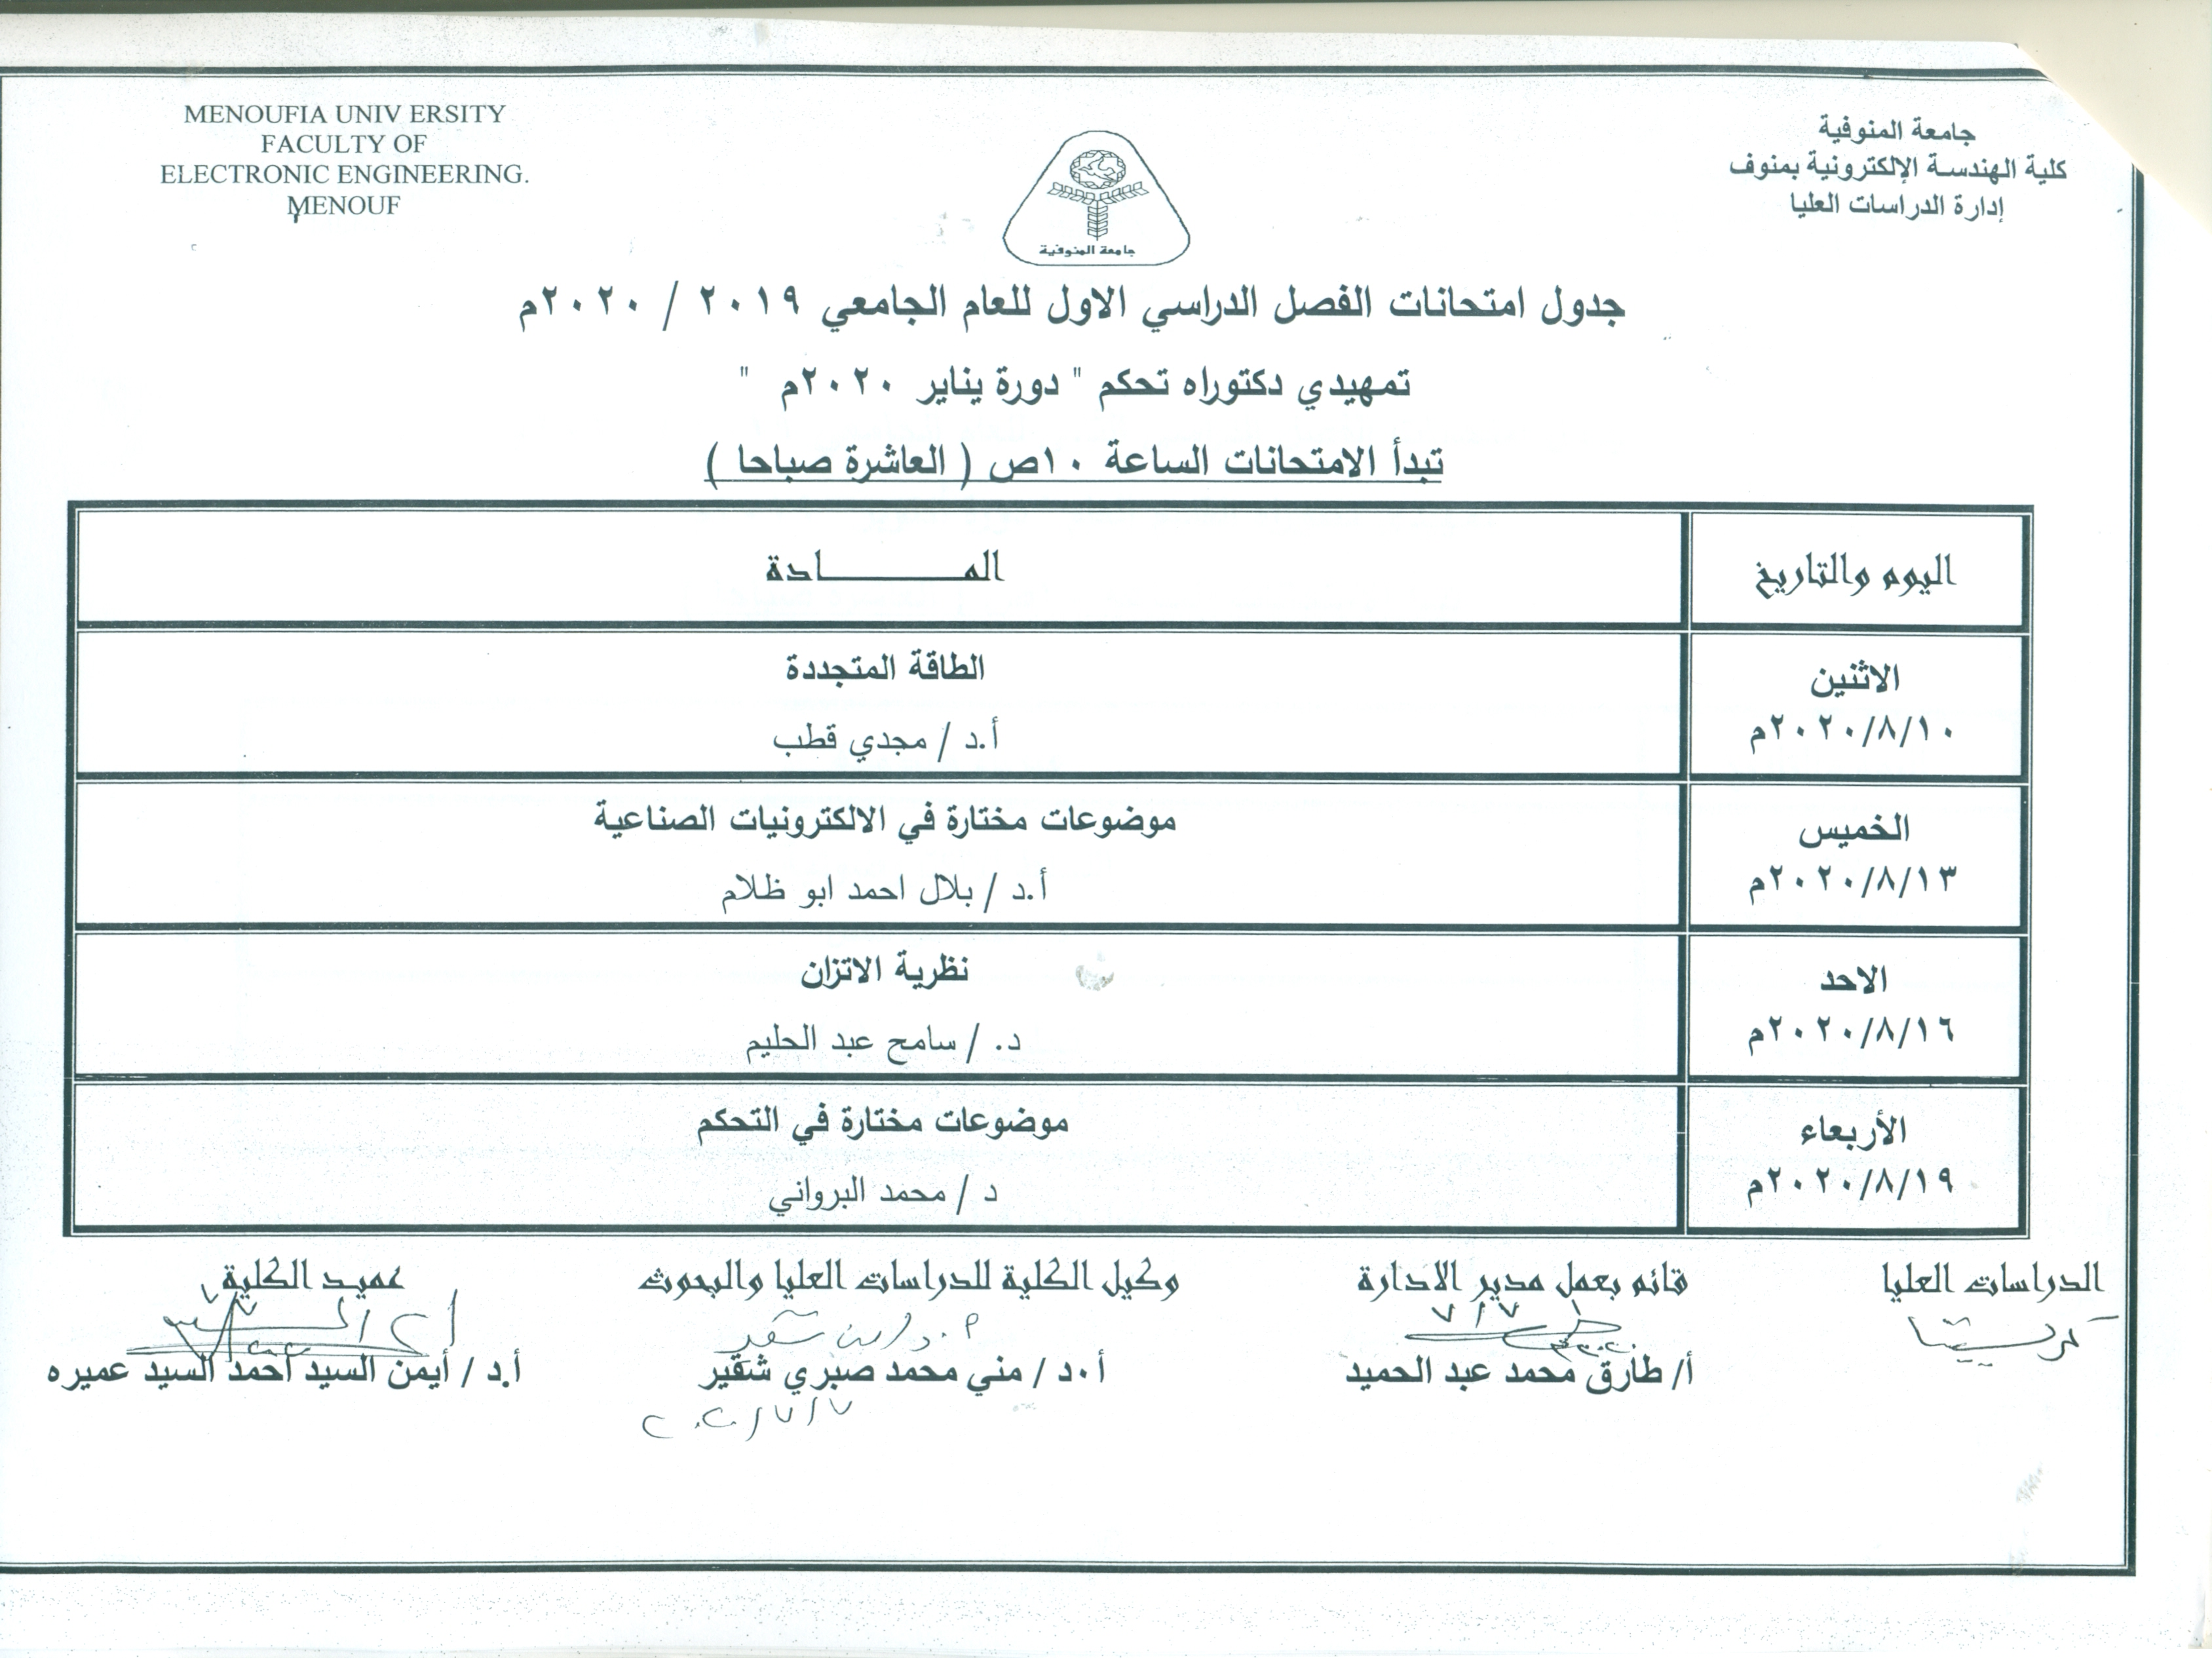 جدول امتحانات تمهيدى دكتوراه تحكم دورة يناير 2020